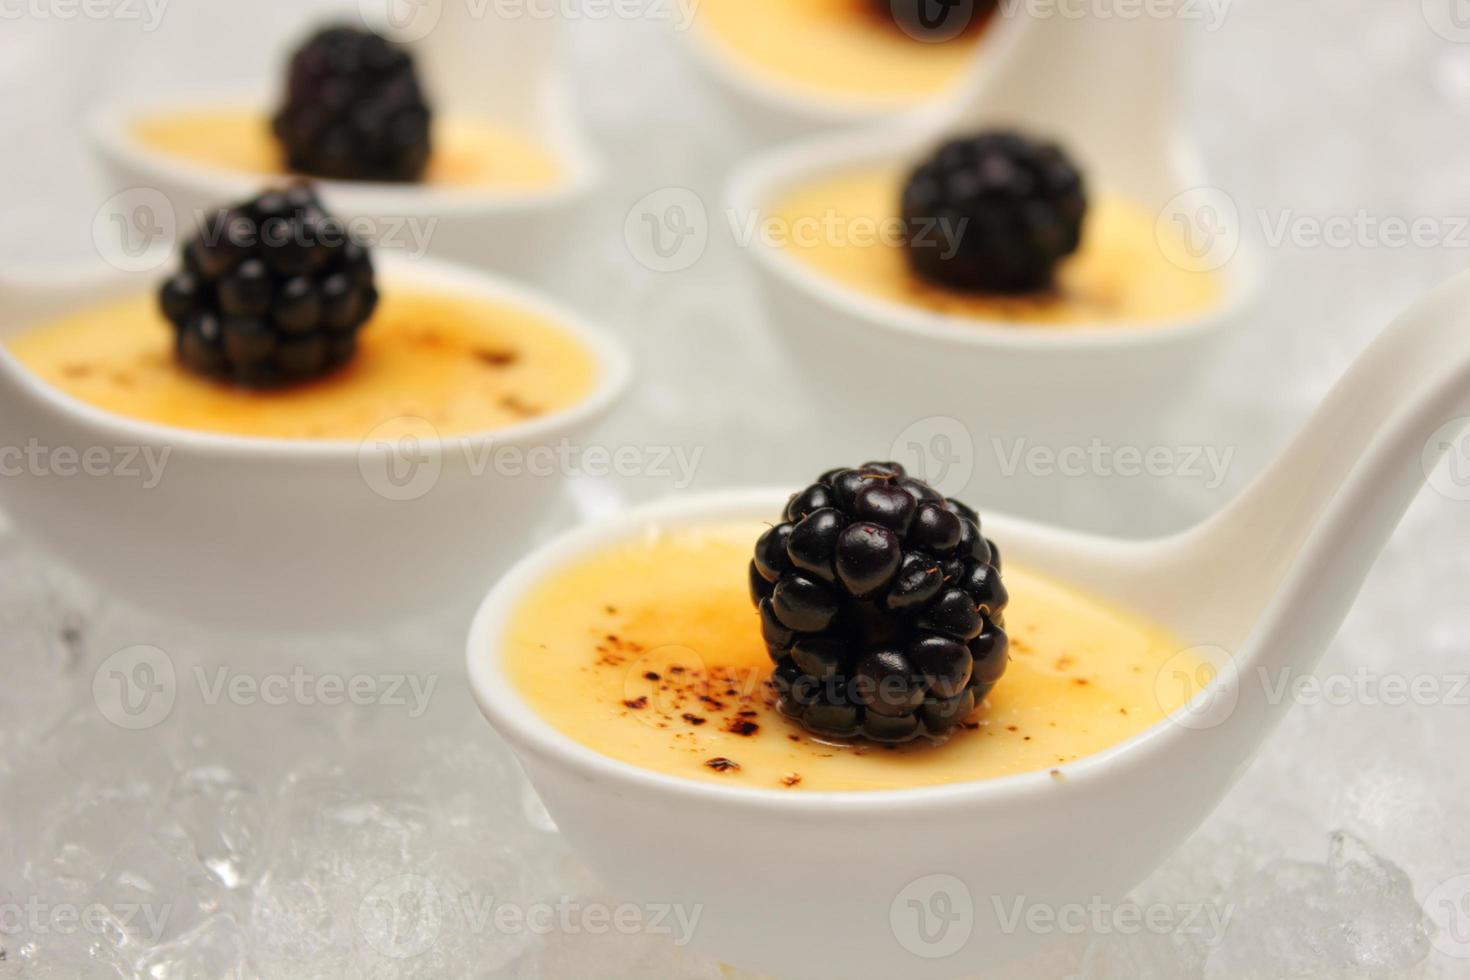 dessert alla crema brulée conditi con frutti di bosco freschi. foto